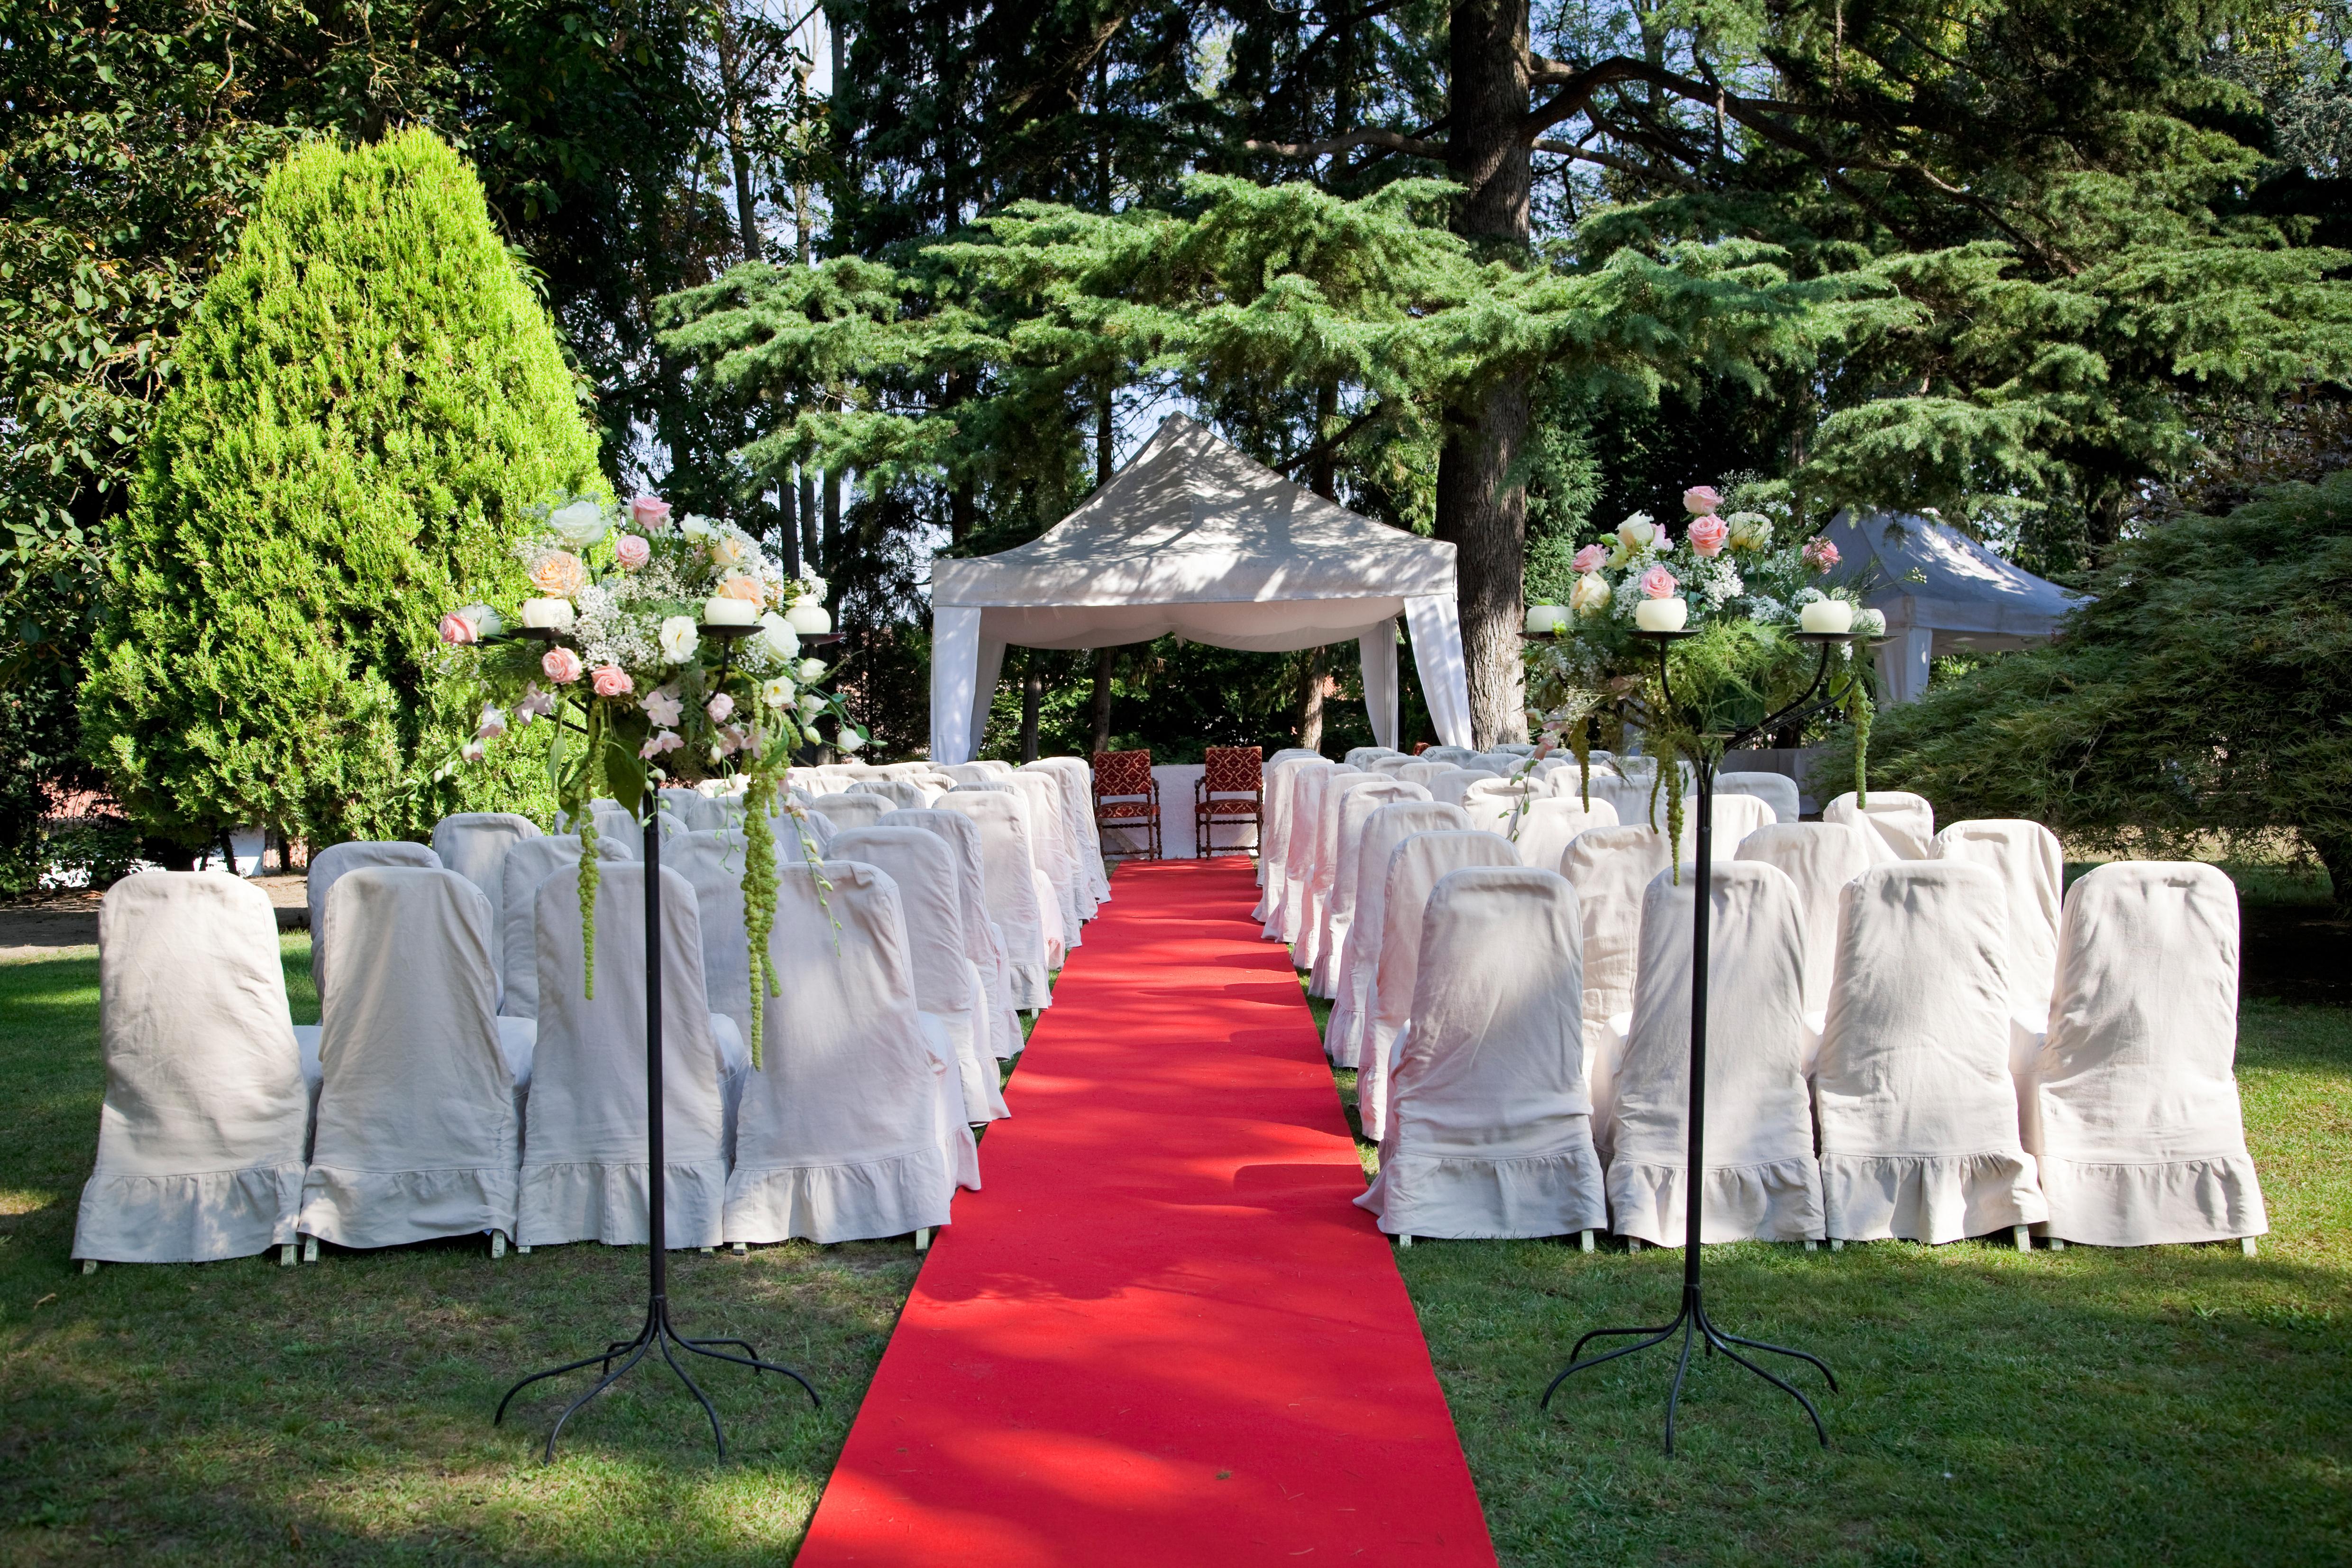 Gartenhochzeit mit Pavillon und rotem Teppich